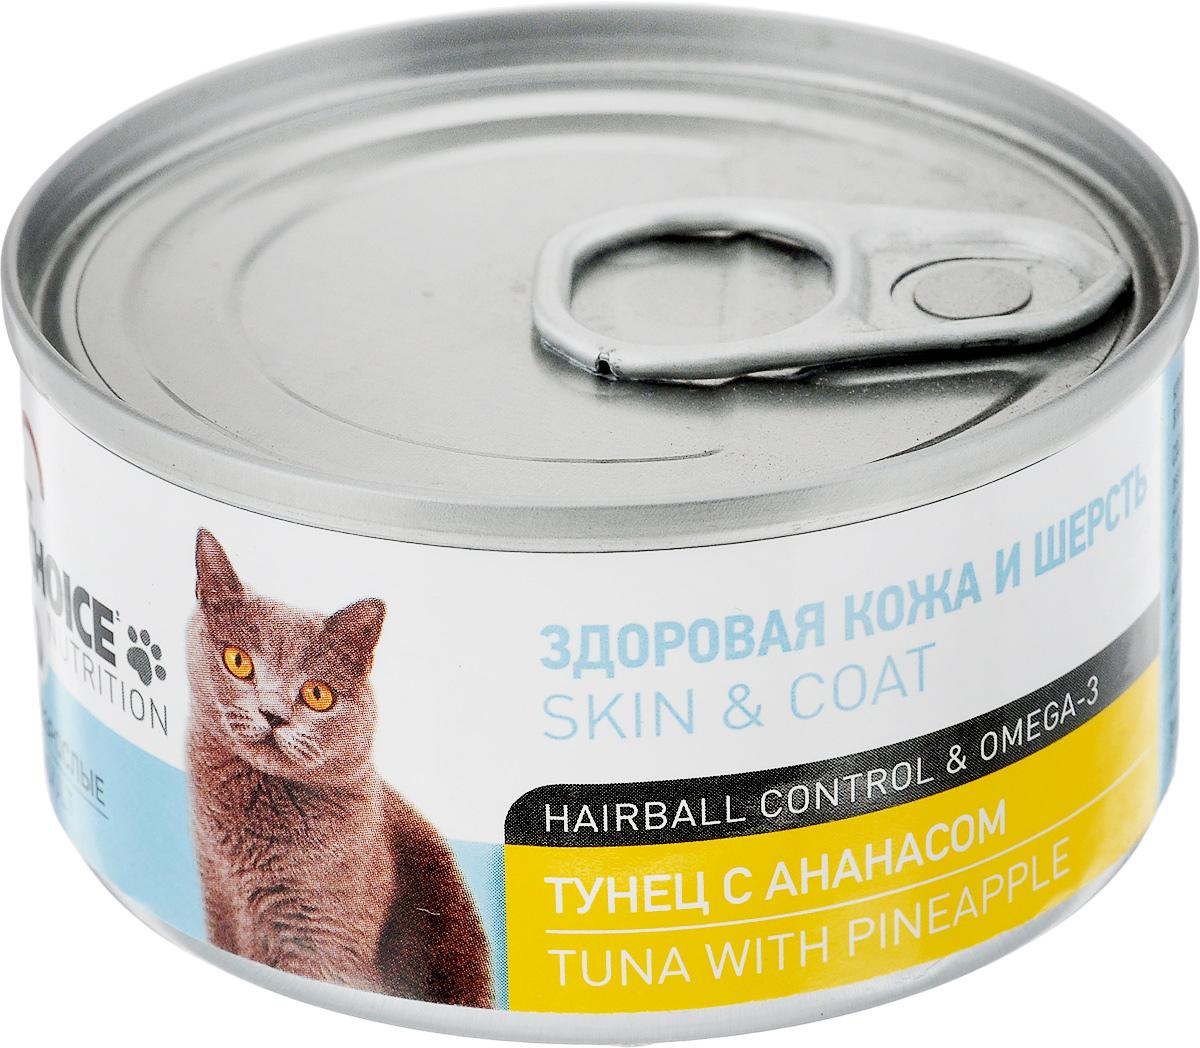 Консервы 1st Choice, для взрослых кошек, тунец с ананасом, 85 г корм 1st choice для кошек